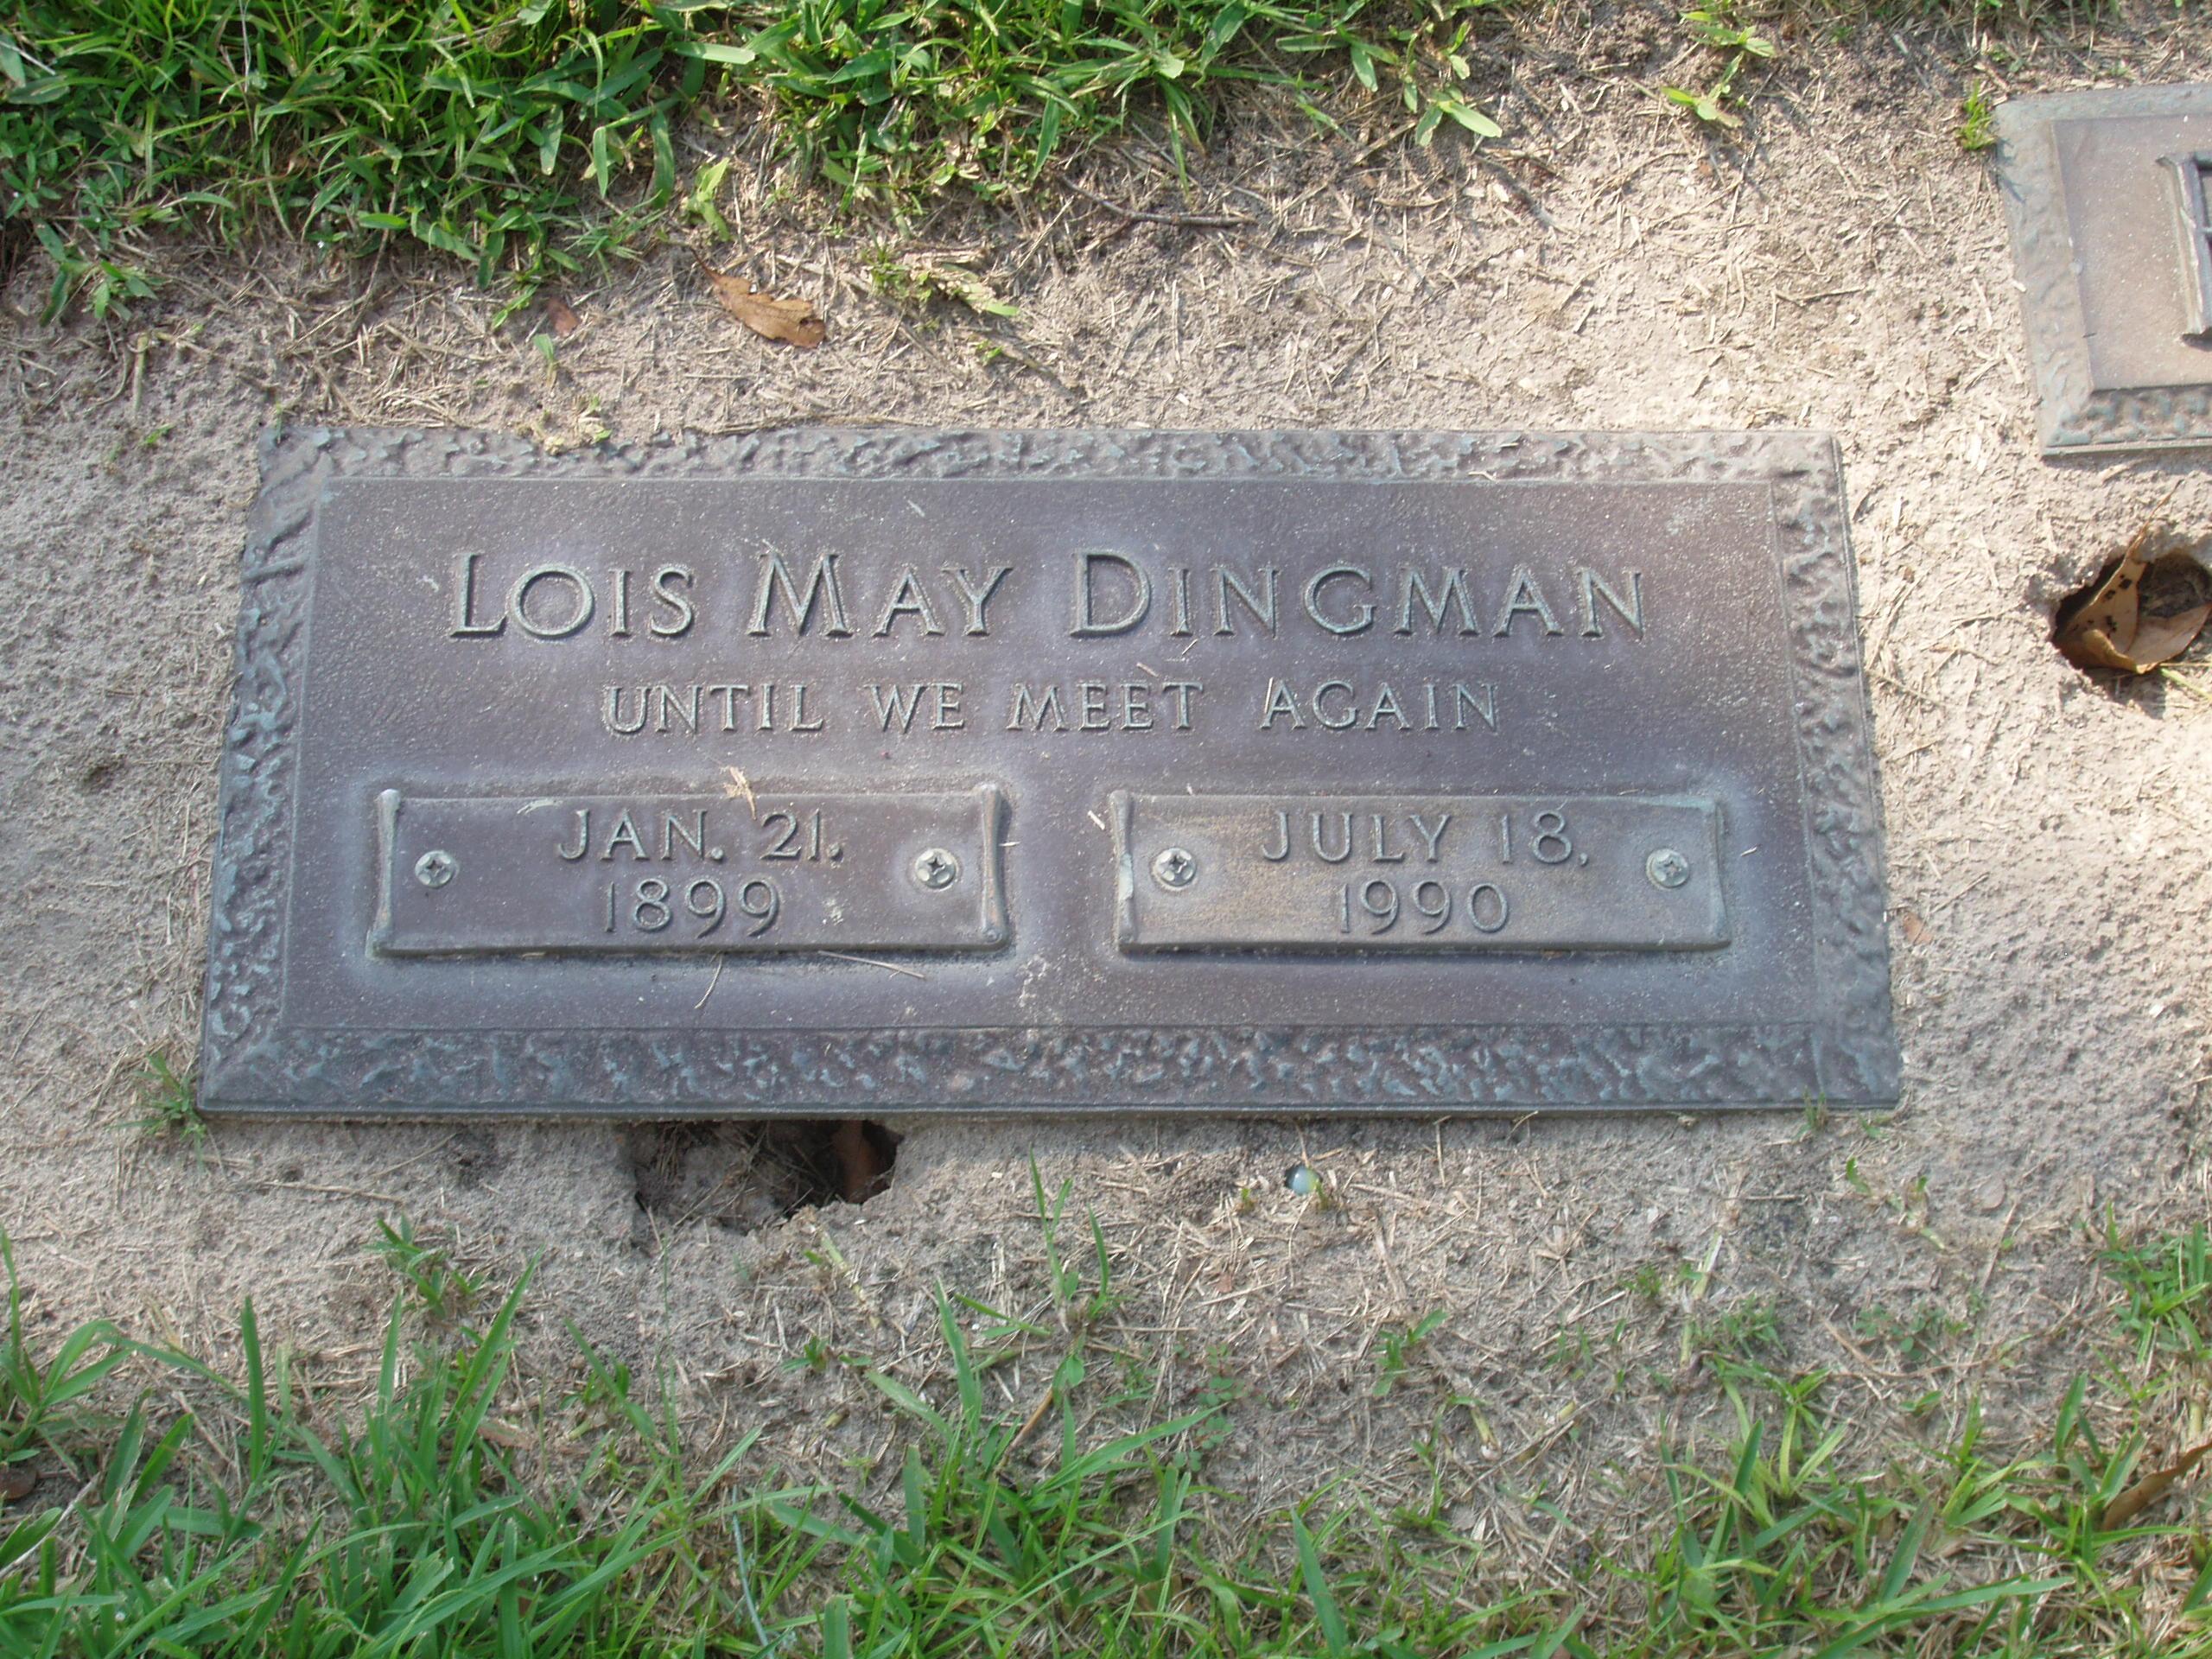 Lois May Dingman